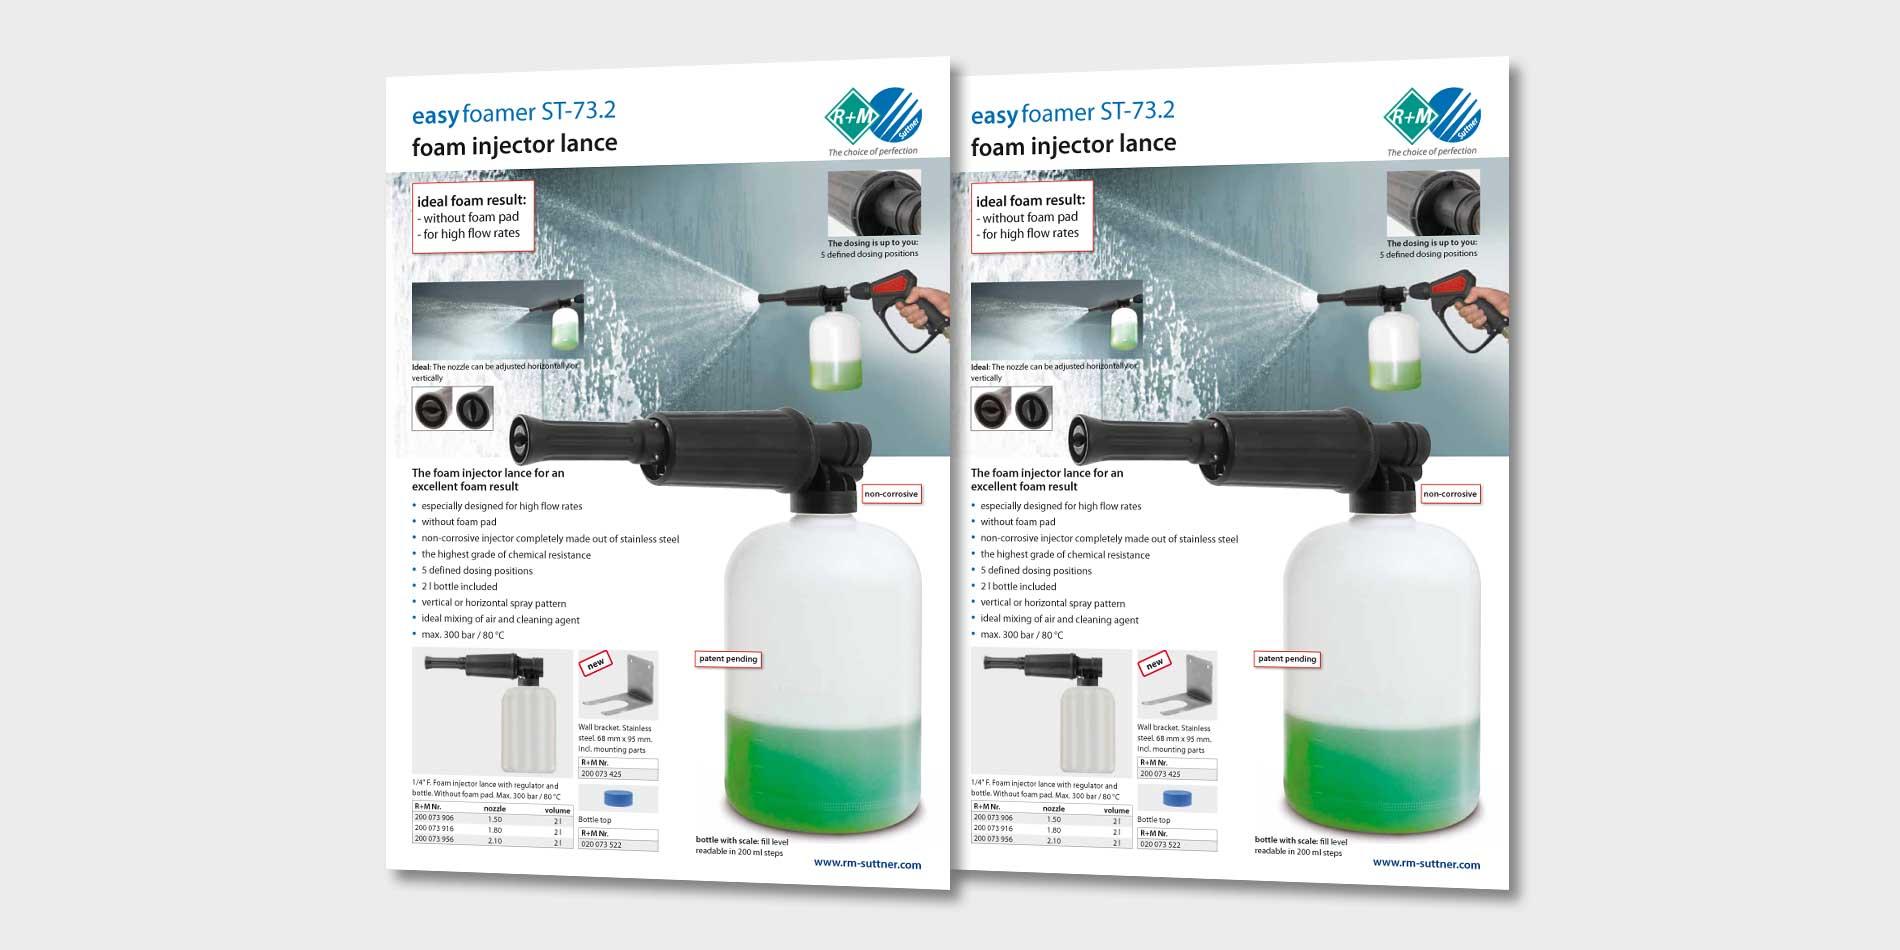 easyfoamer ST-73.2